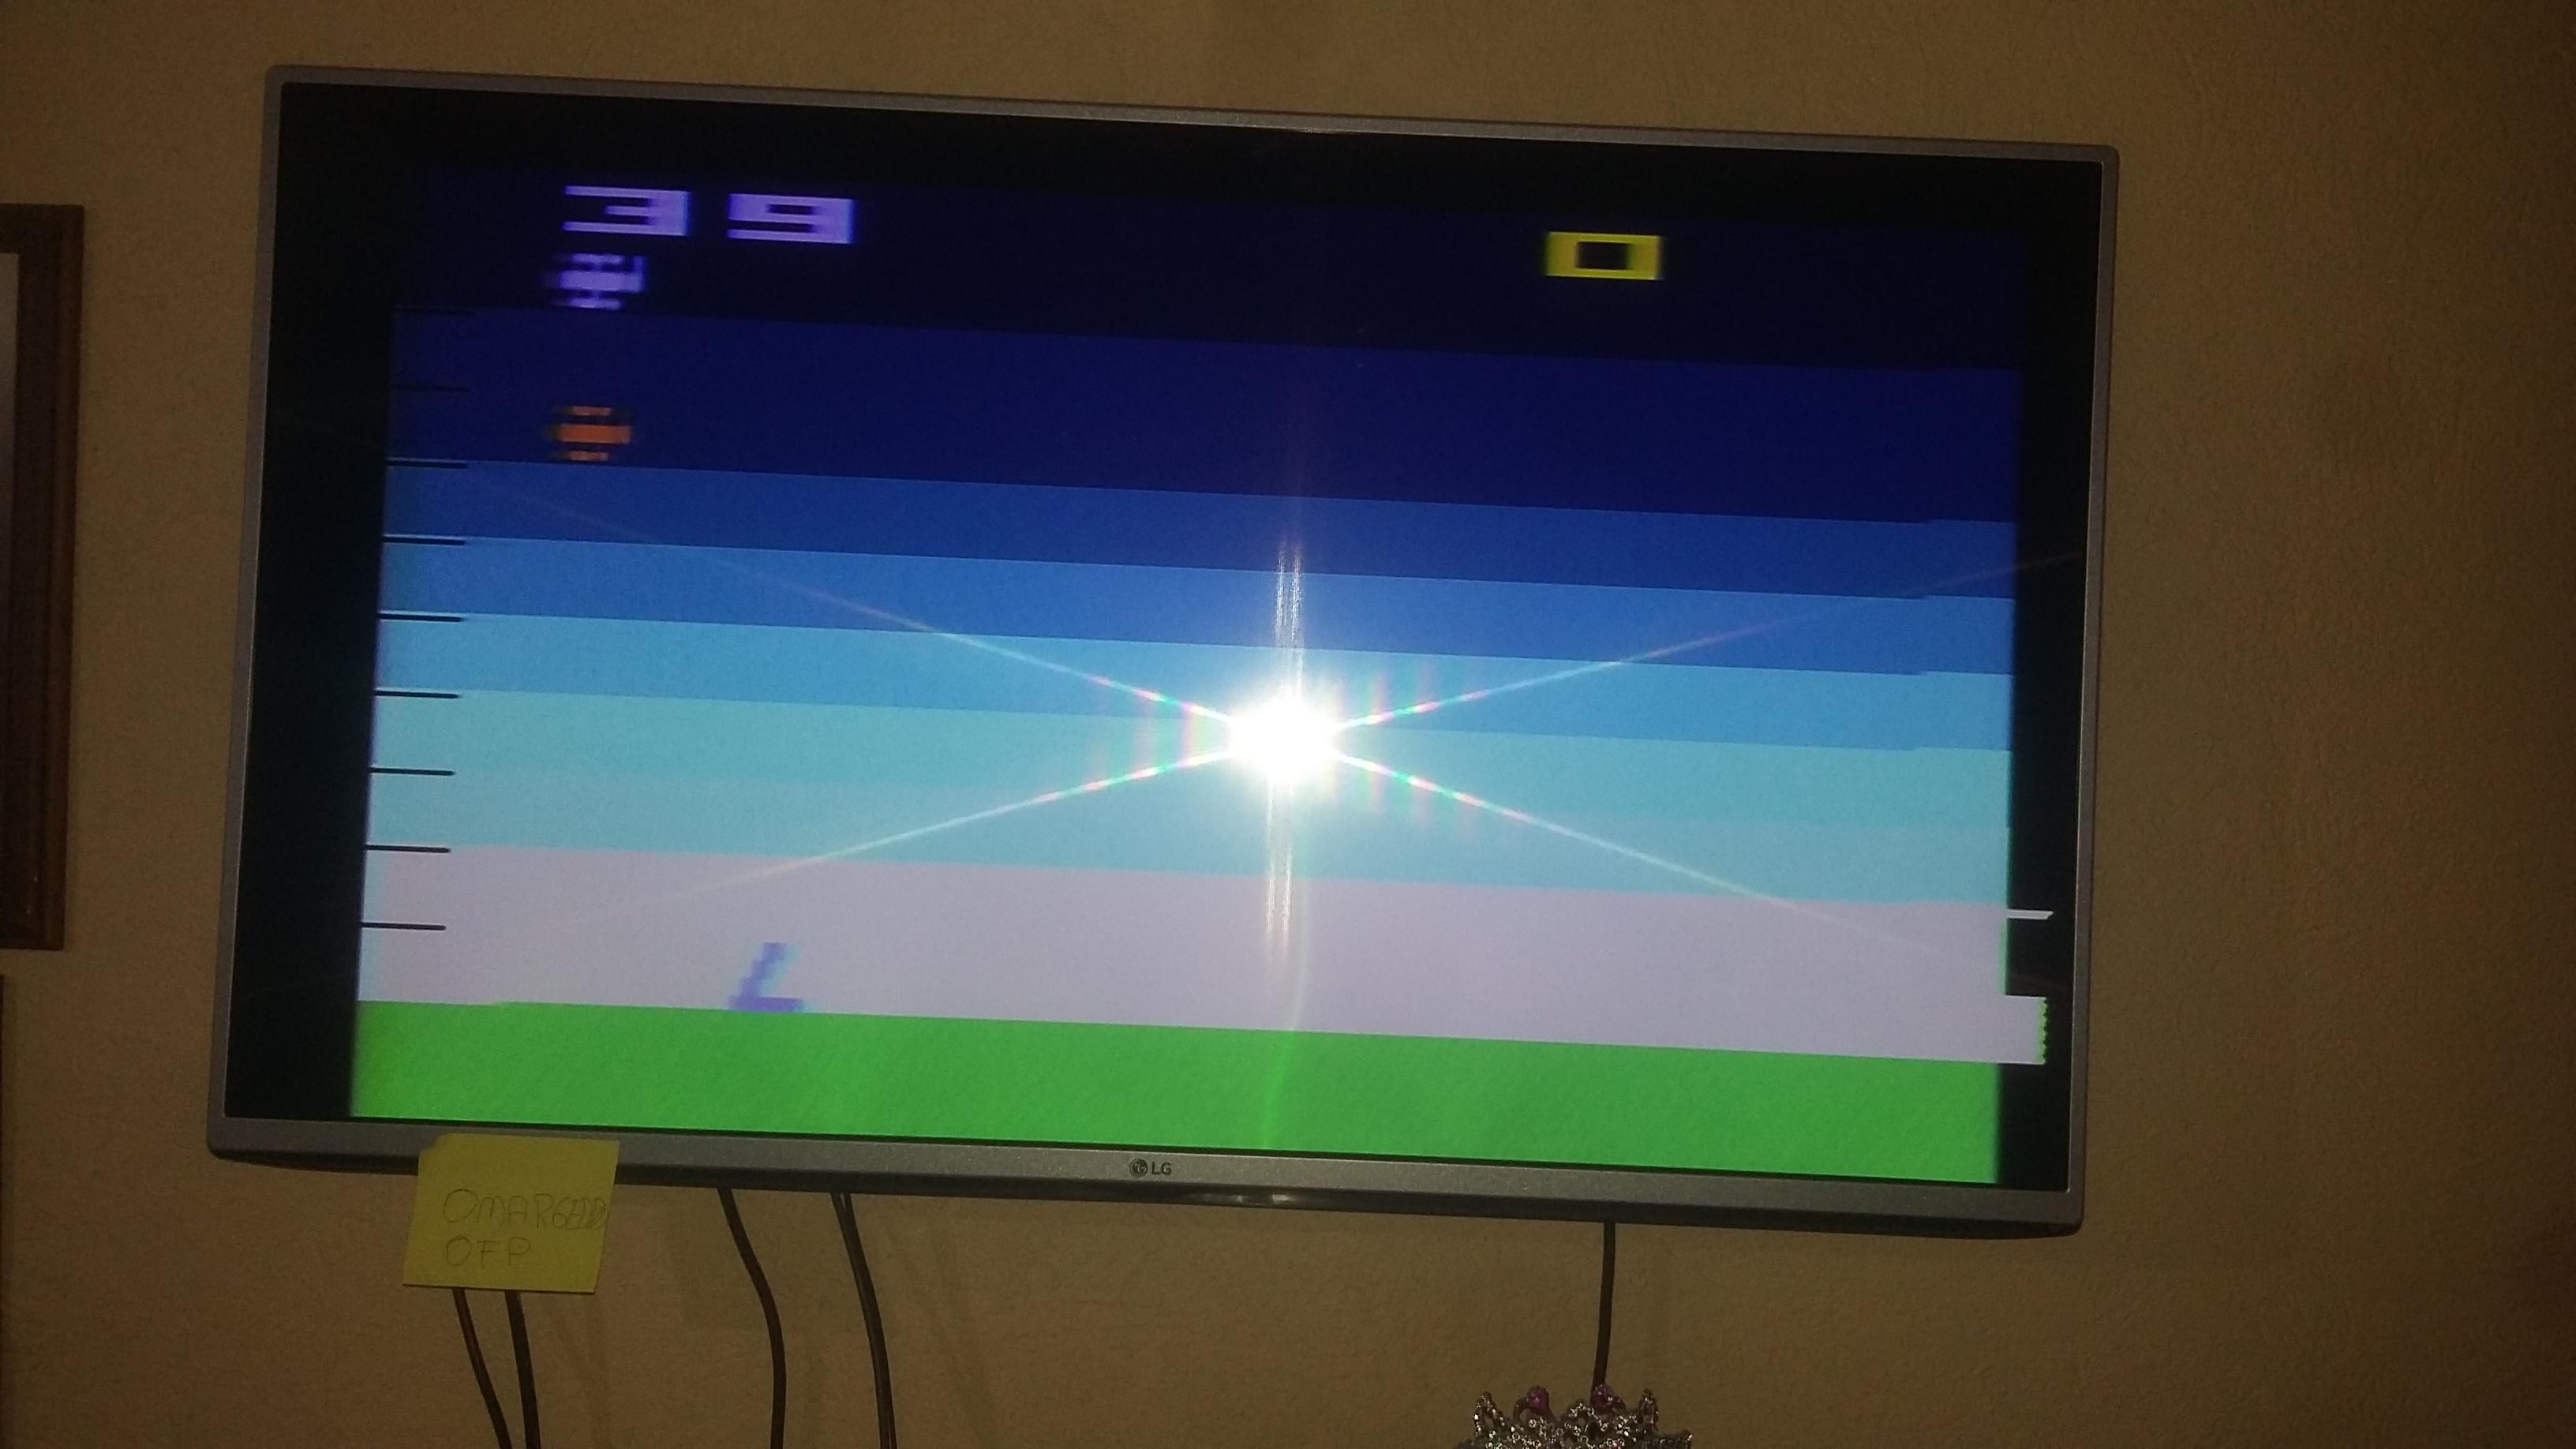 omargeddon: Air-Sea Battle (Atari 2600 Novice/B) 39 points on 2016-10-29 12:25:19